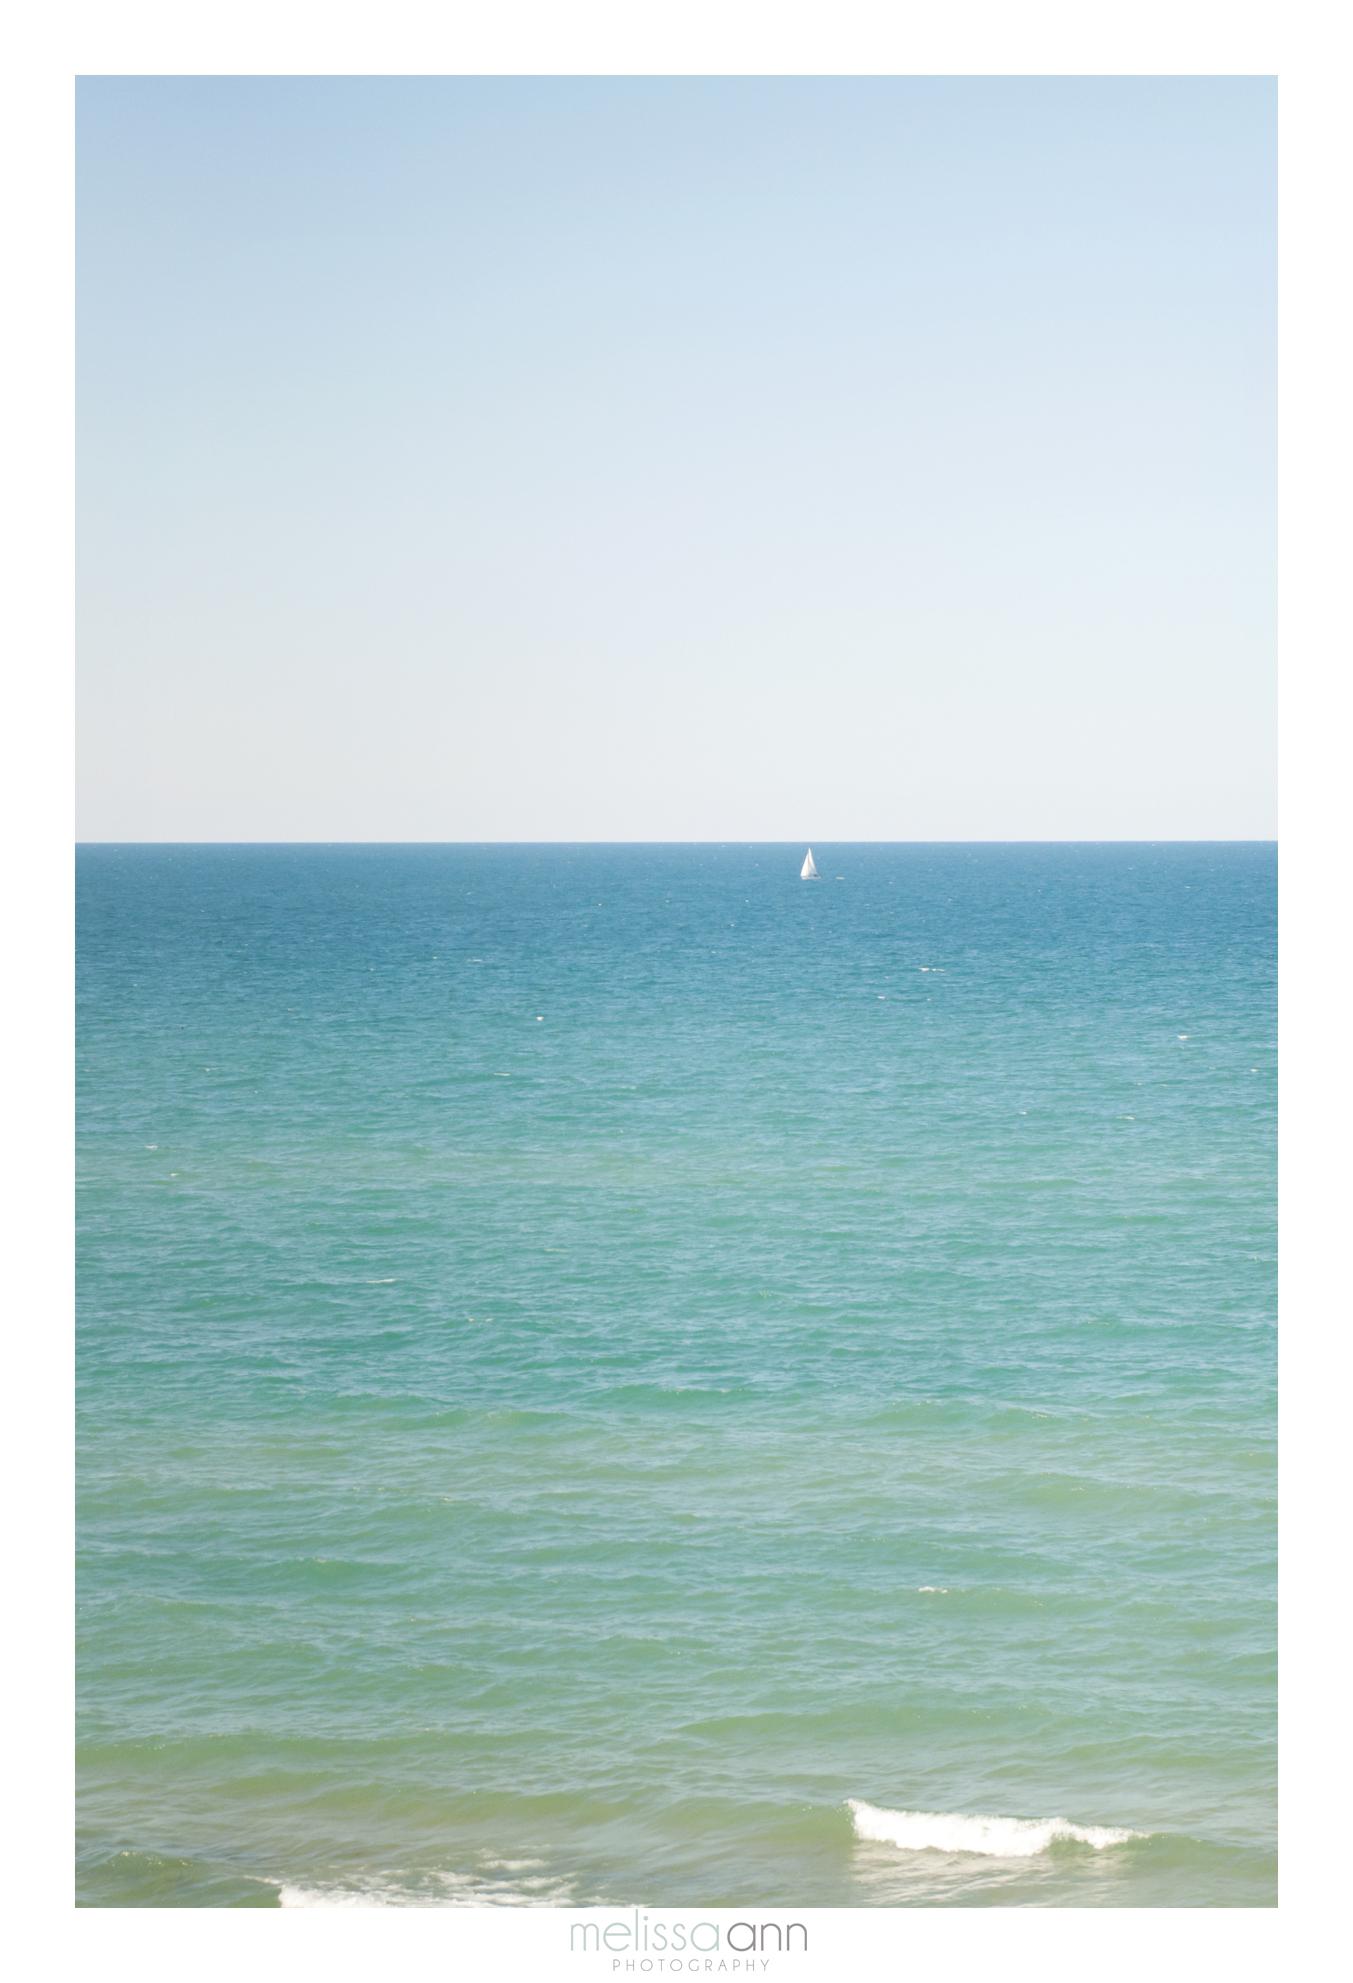 Landscape-Lake Michigan-Lighthouse-Photo